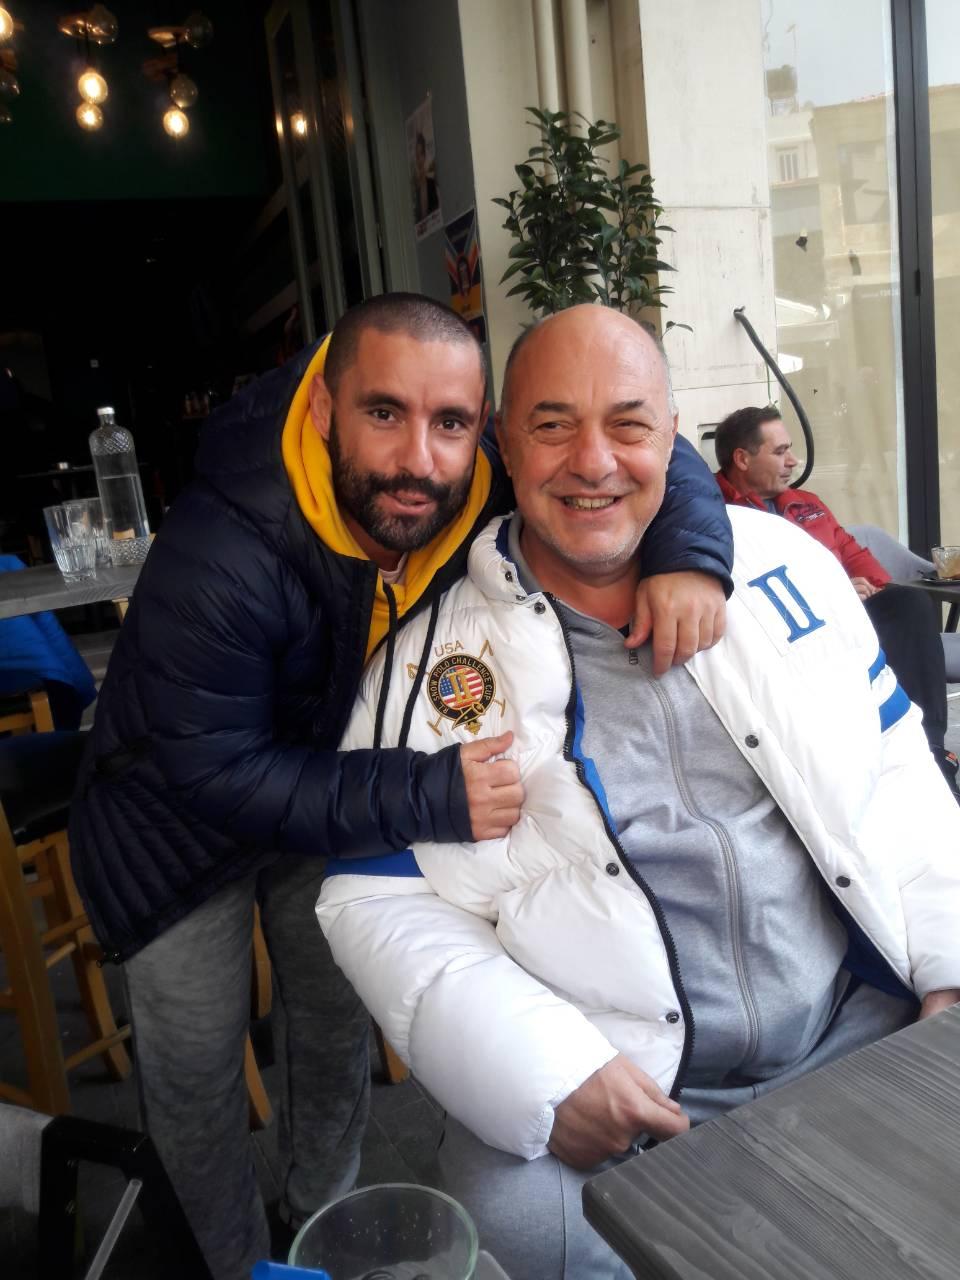 Καφέ με τον εορτάζοντα σήμερα Τσάτσο ο Μπέος στο Ηράκλειο!